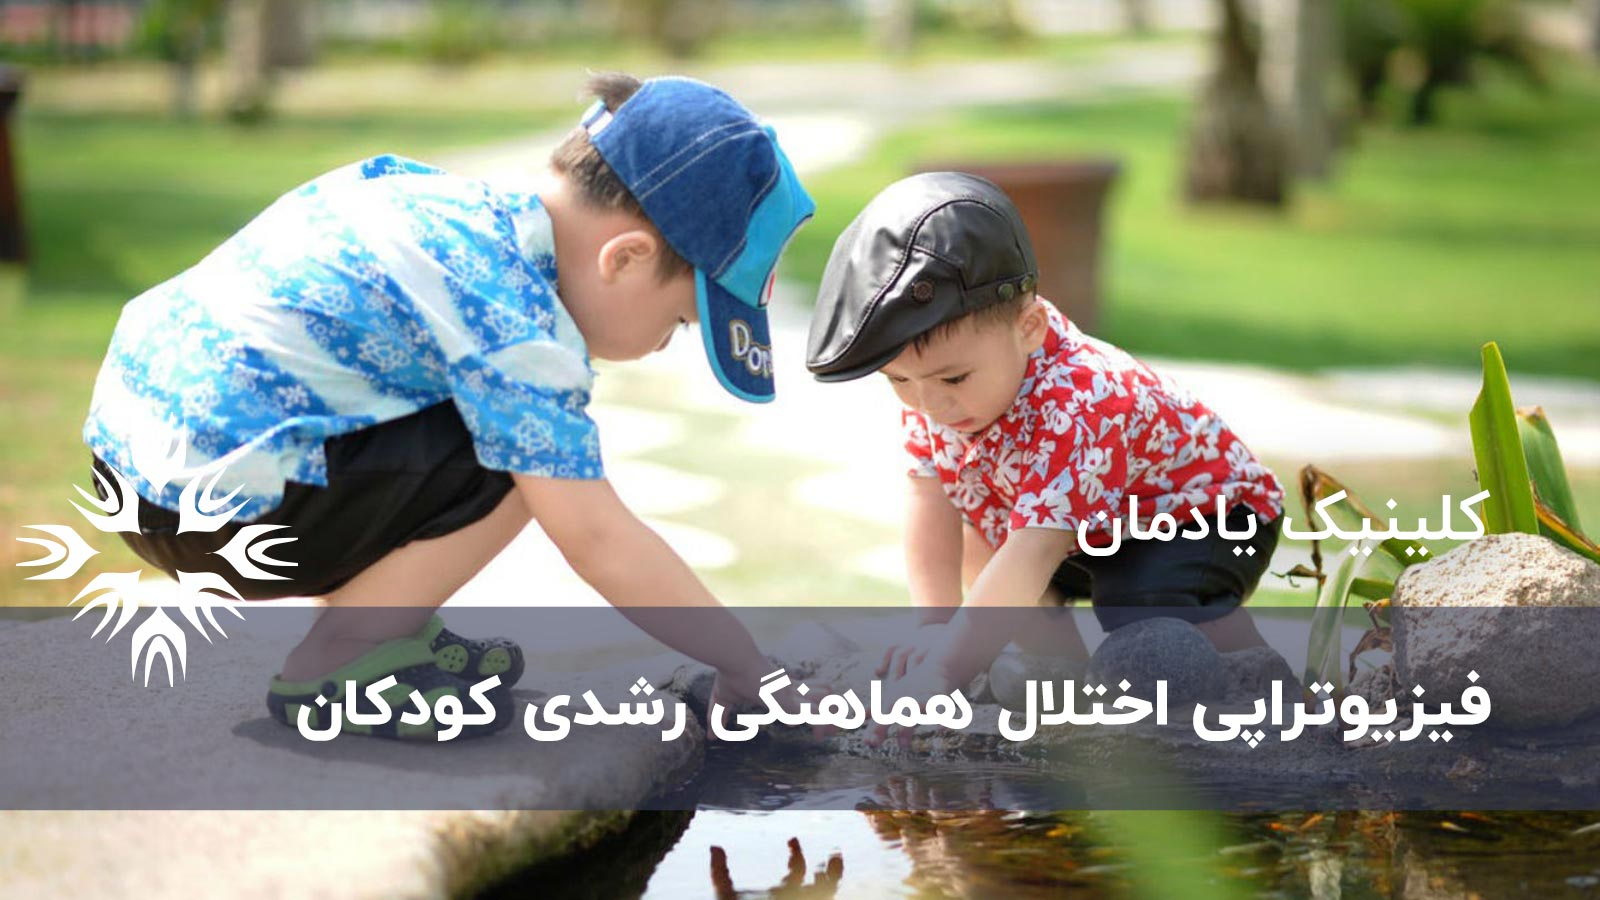 فیزیوتراپی اختلال هماهنگی رشدی کودکان